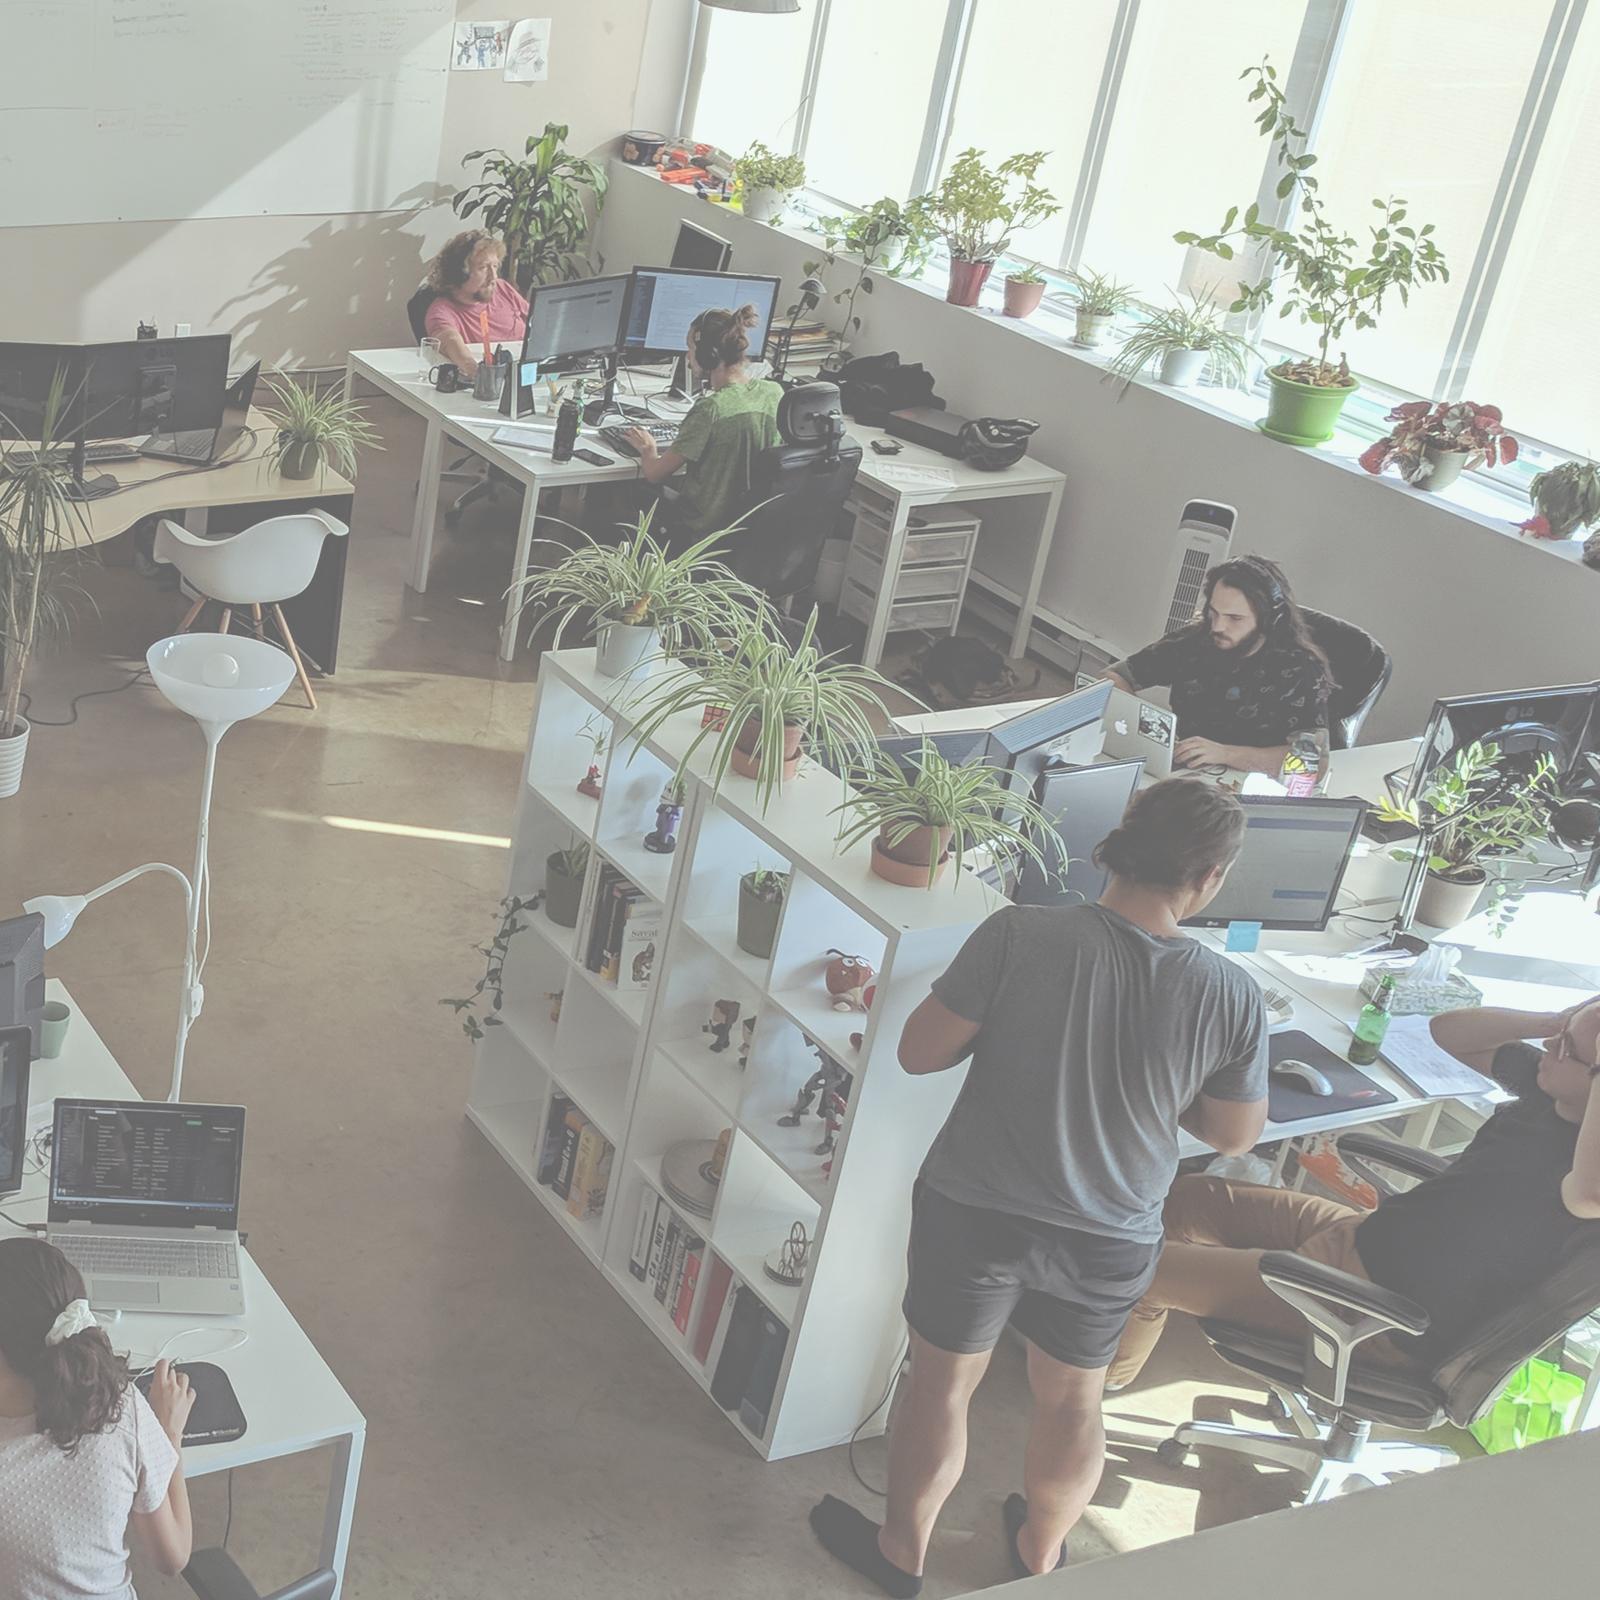 // HYDROGÈNE   -  DÉVELOPPEURS  Une équipe de développeurs et créateurs professionnels d'expériences numériques.